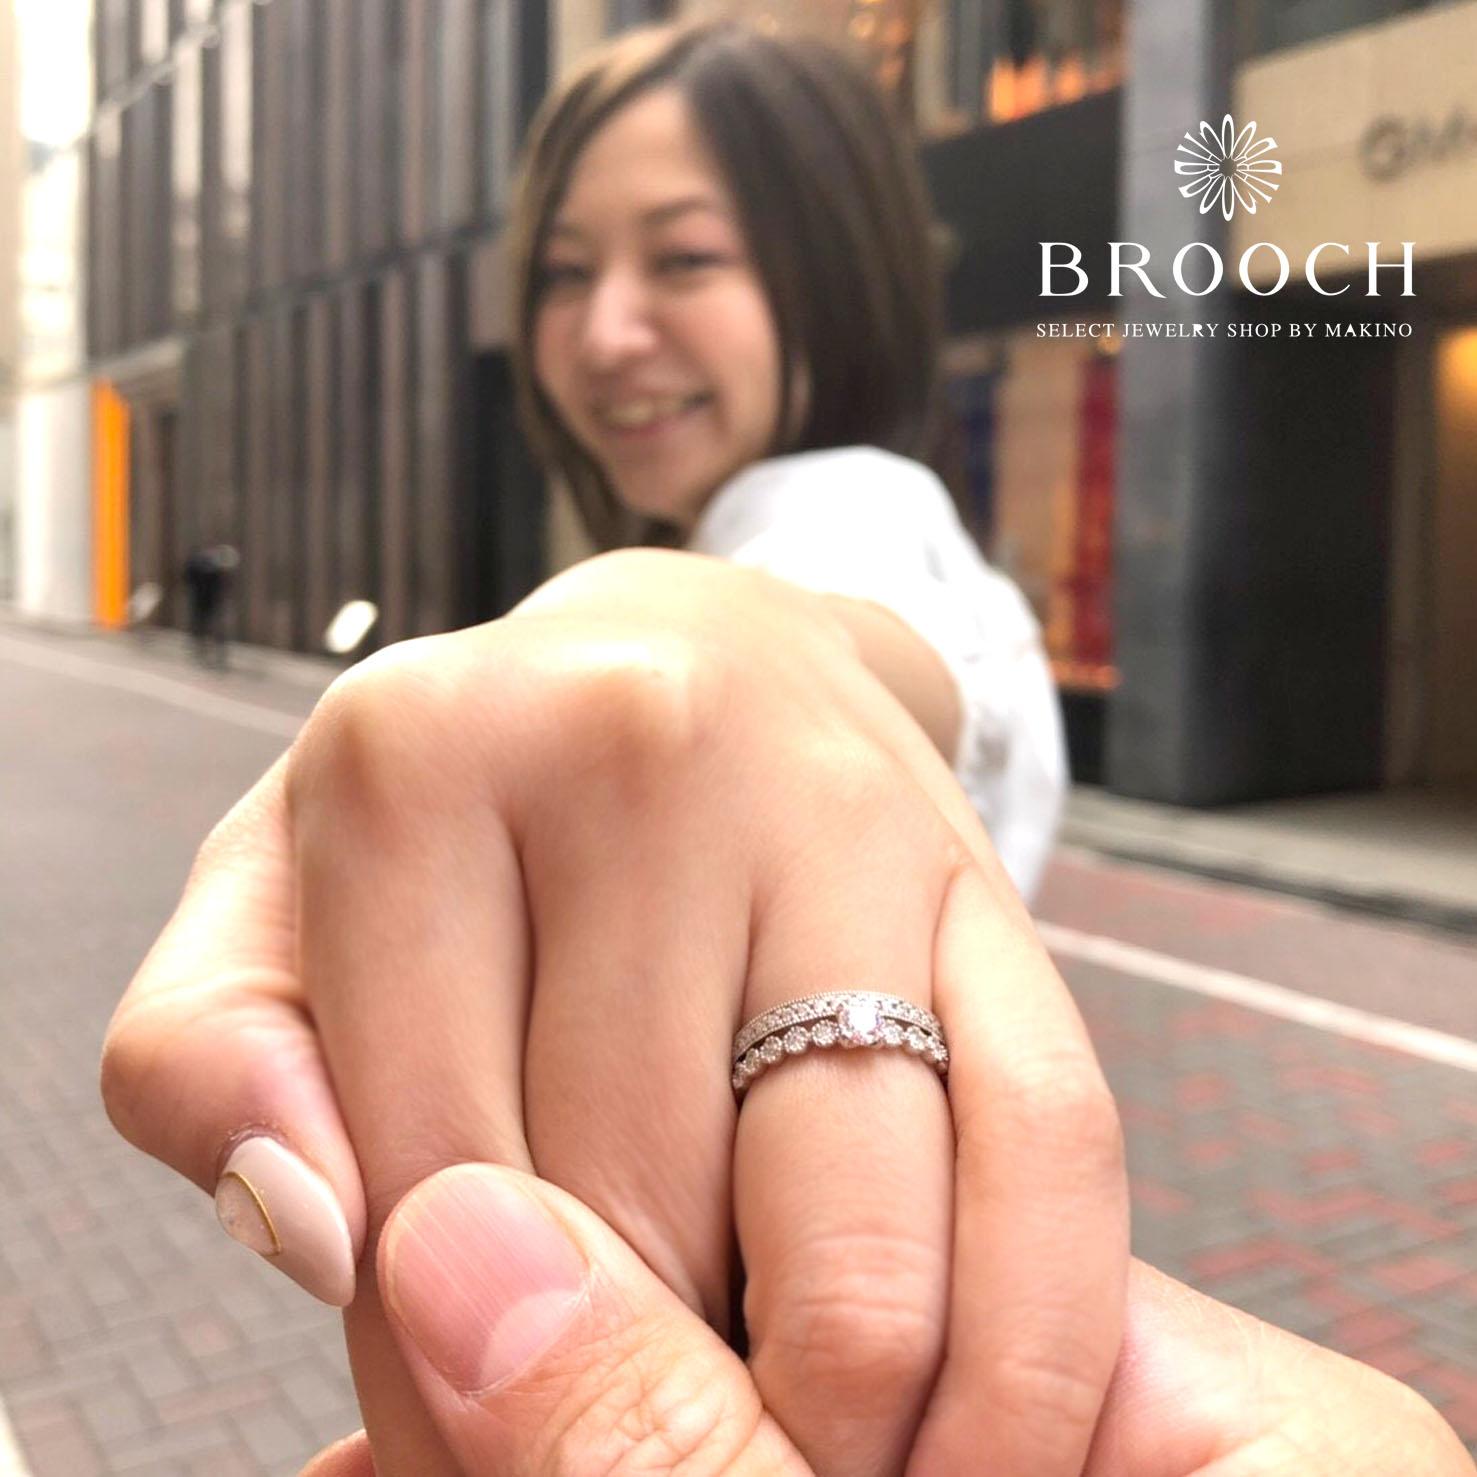 最高のダイヤモンドを贈るサプライズプロポーズ